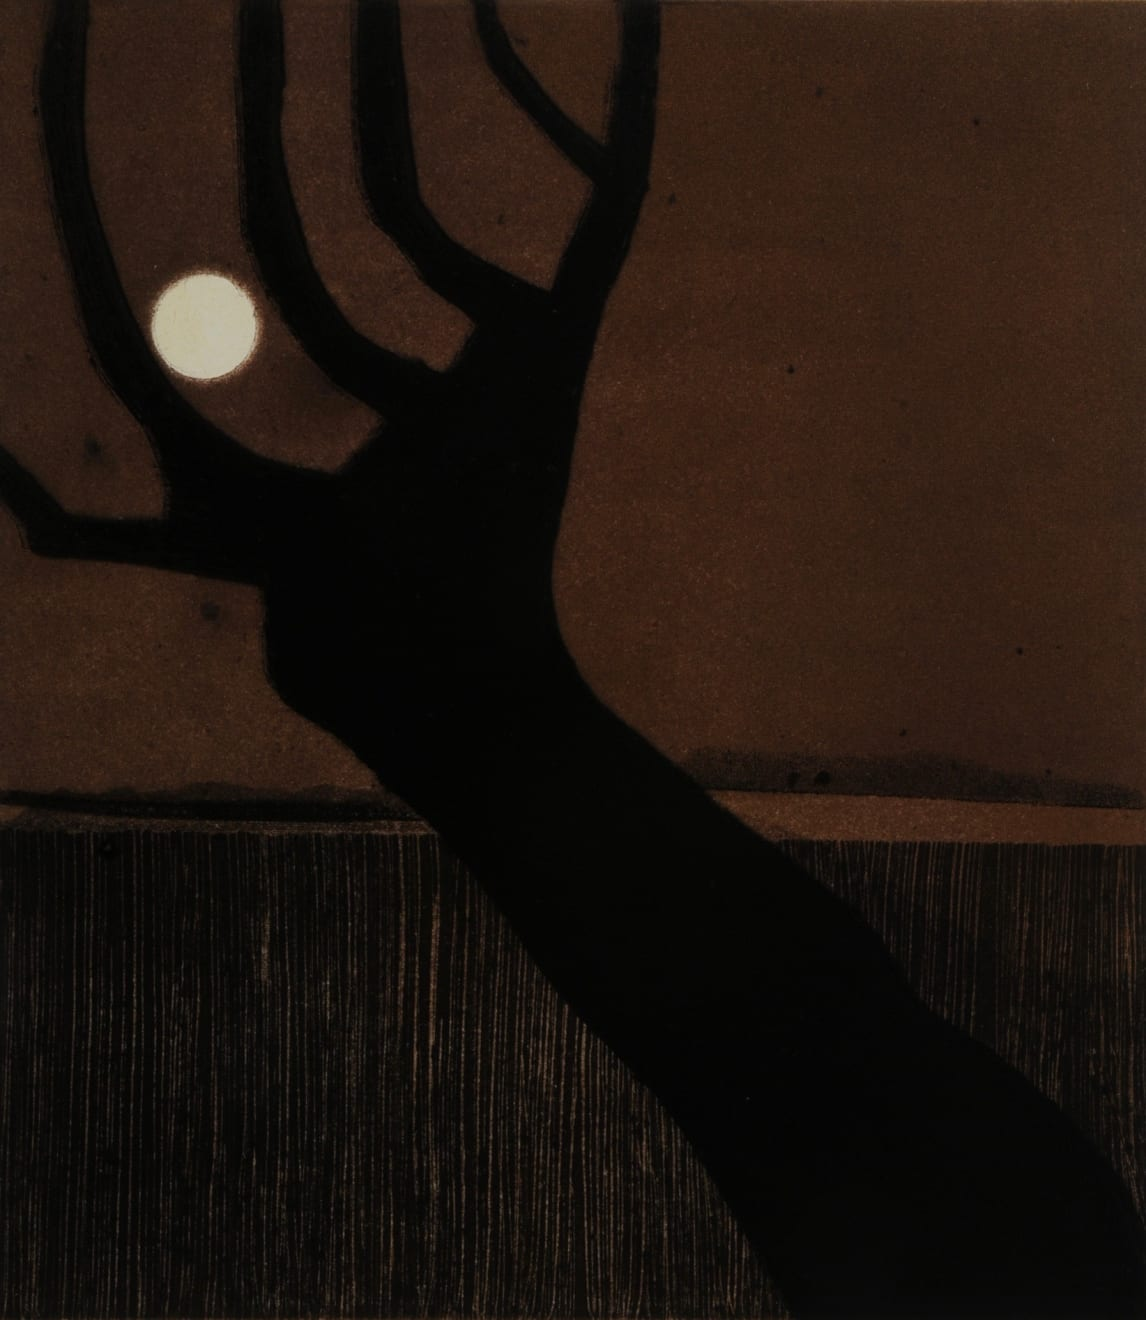 Nigel Swift, Moon in a Tree, 2019